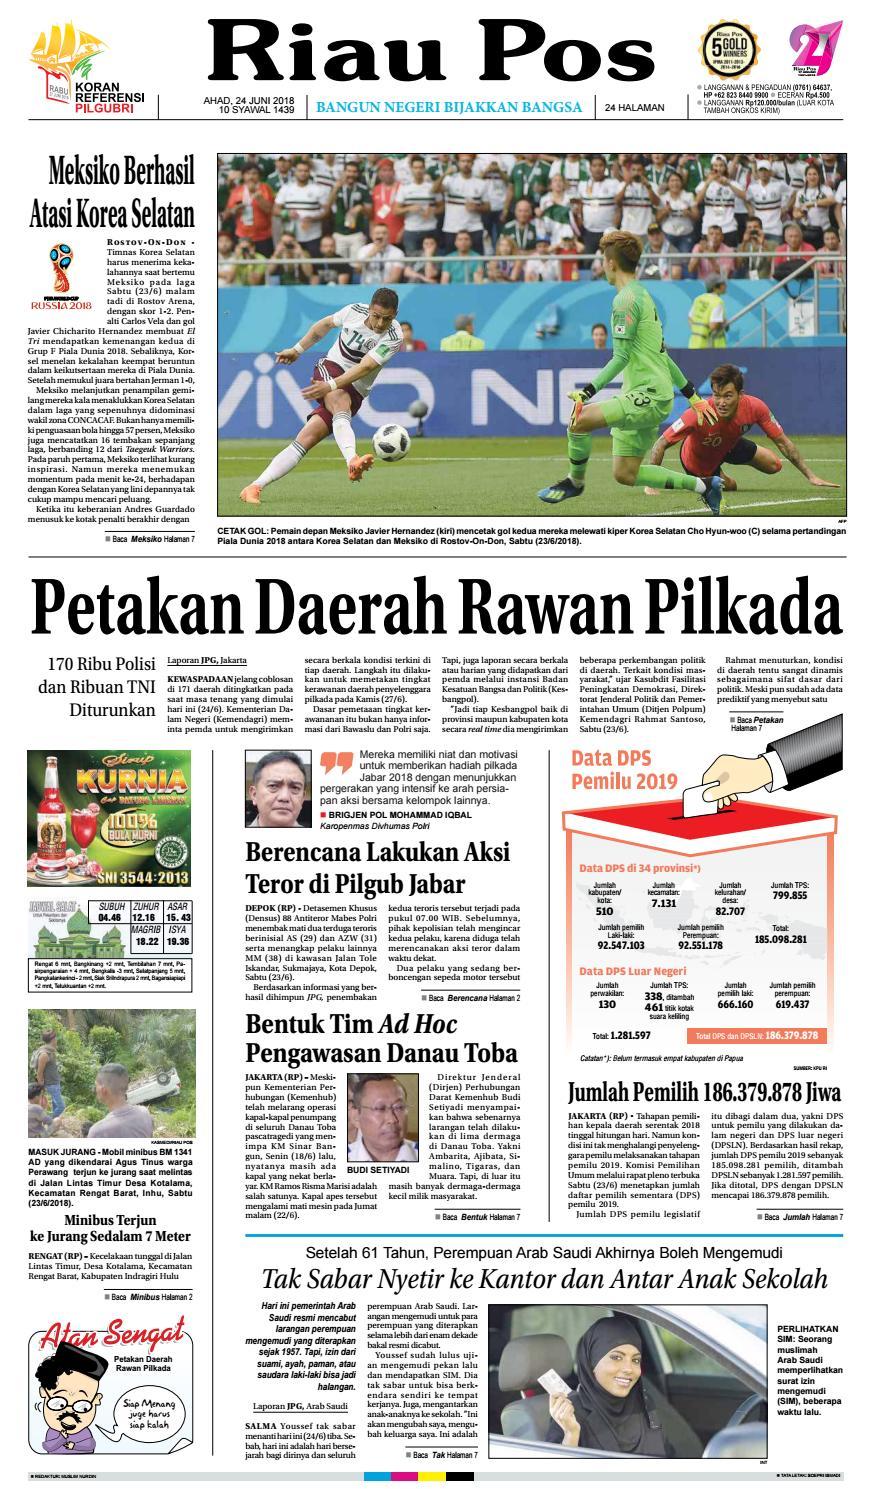 2018 06 24 By Riau Pos Issuu Kebab Pisang Coklat Champlo Sf